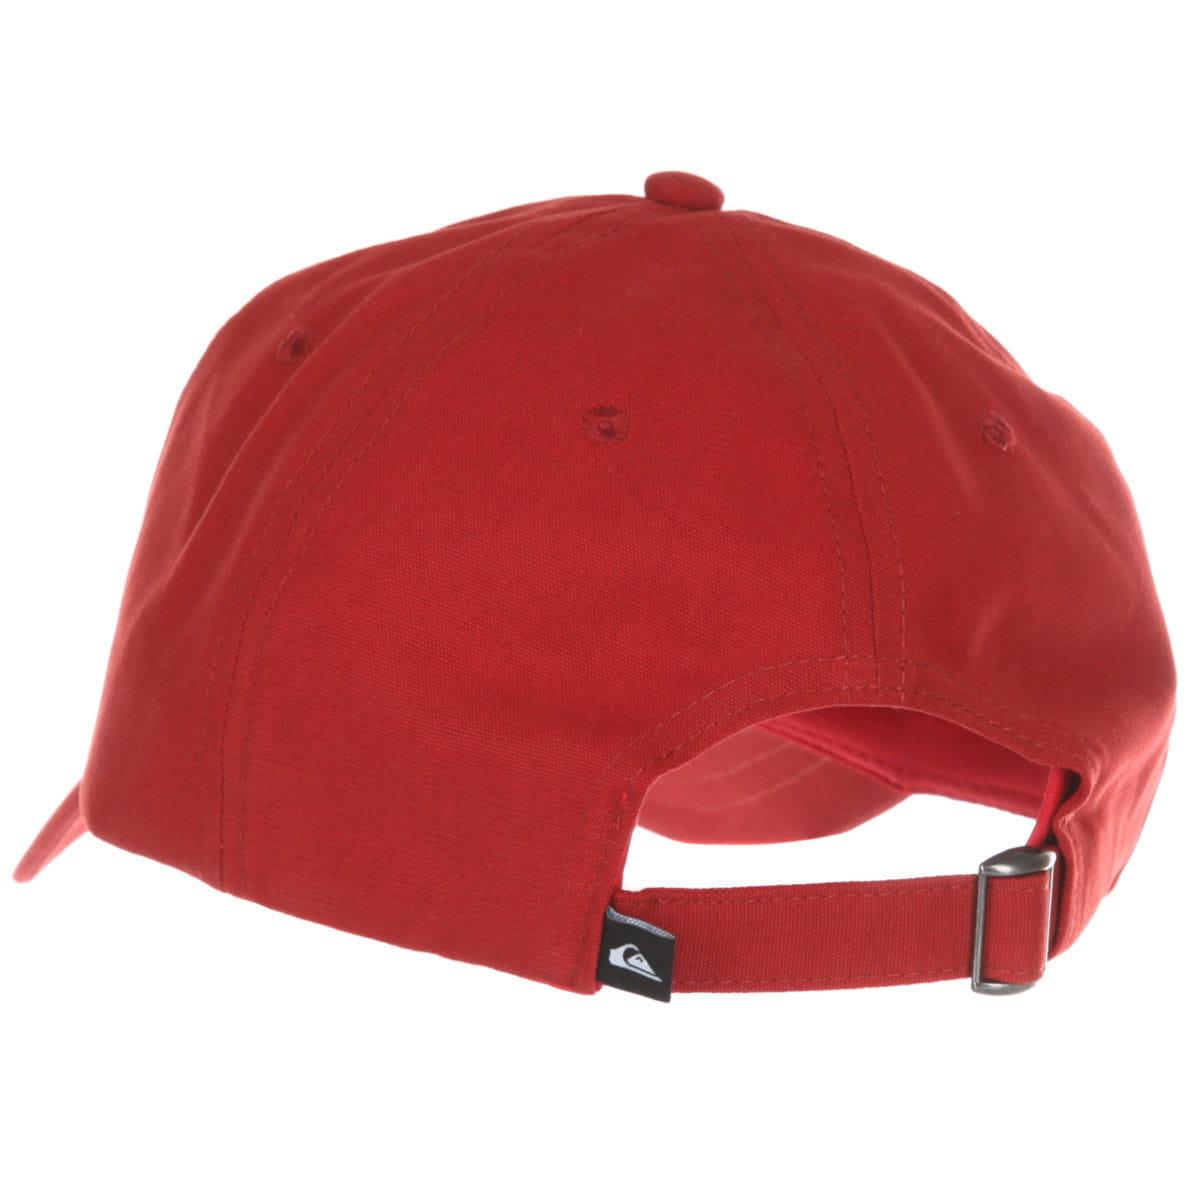 b791dc51 Купить бейсболку классическая QUIKSILVER Papa Cap Brick Red ...